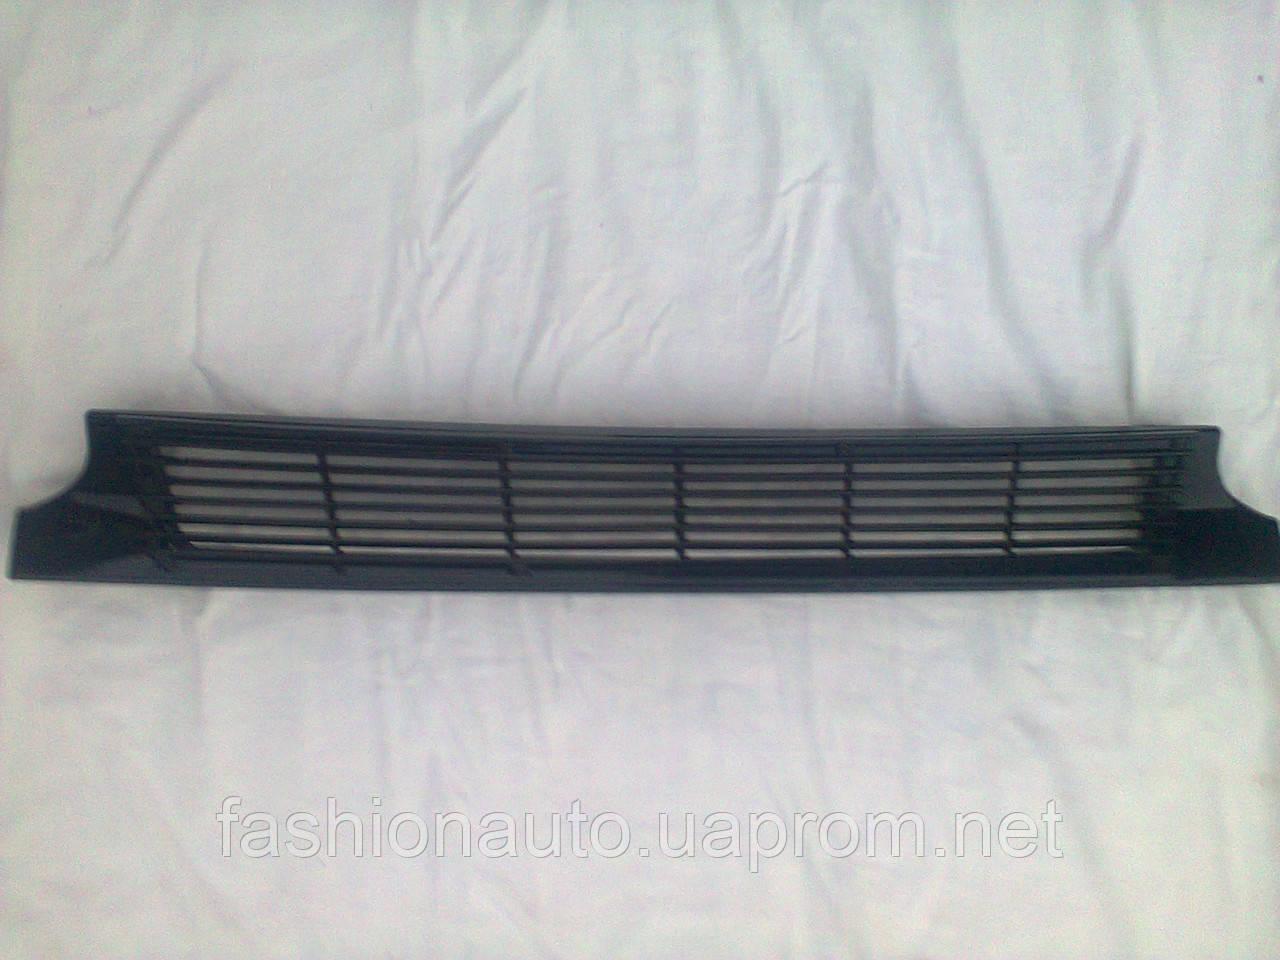 Решетка радиатора ВАЗ 2113-2114-2115 8 полос